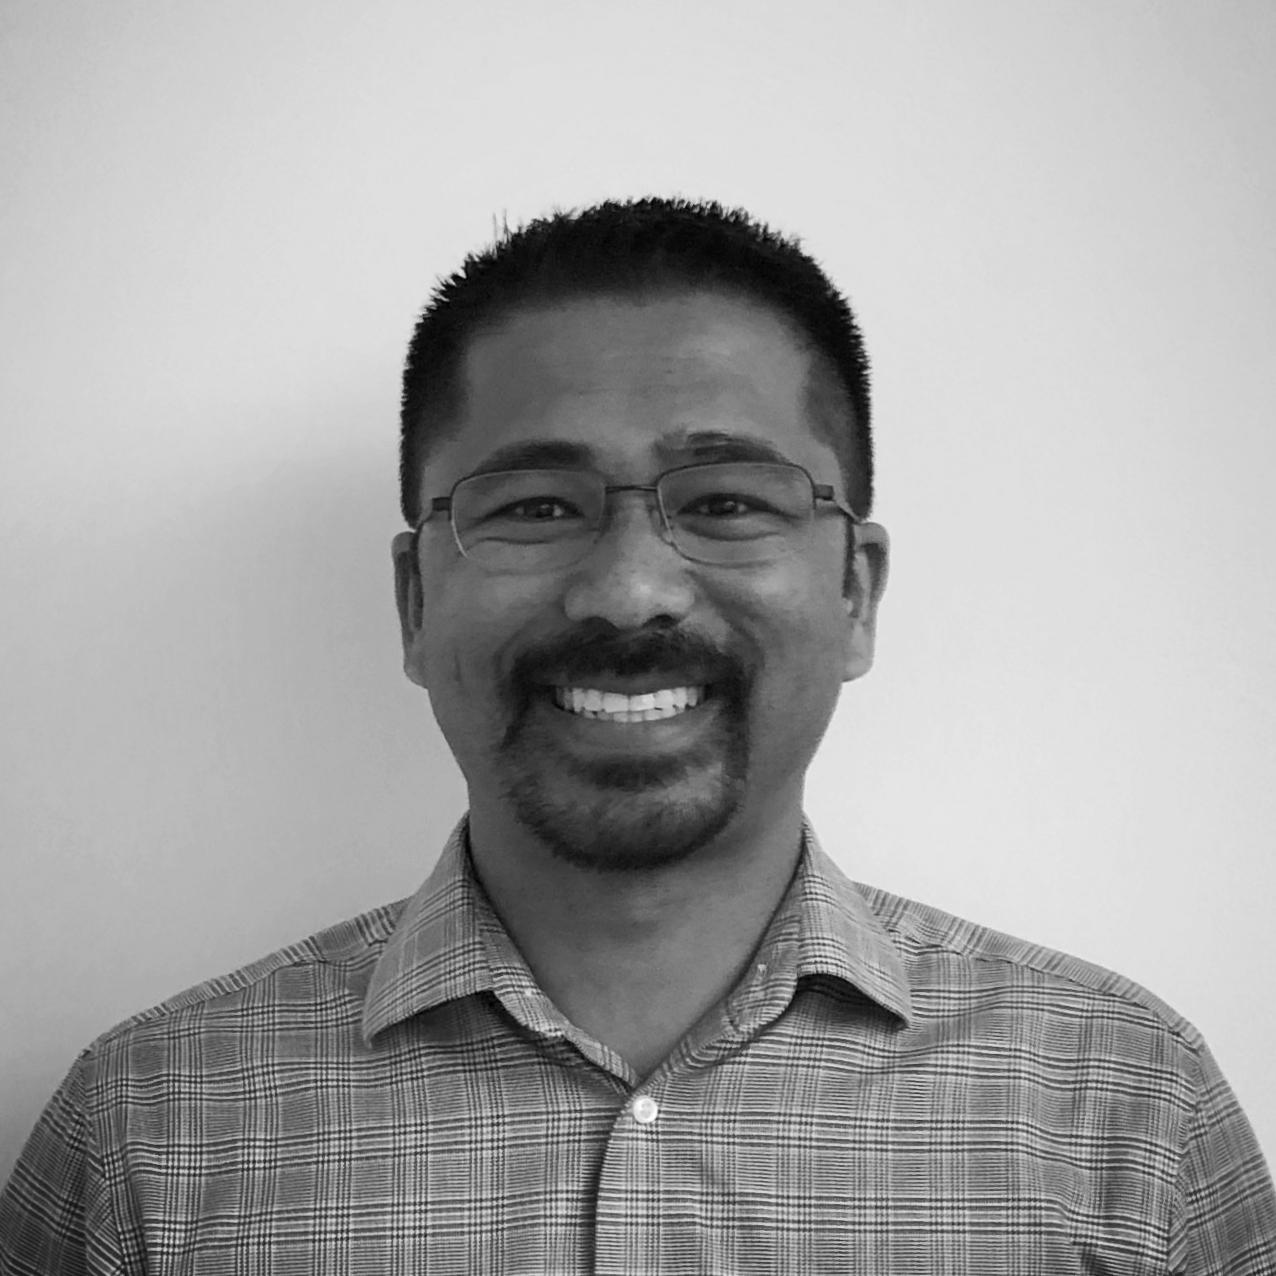 Nesan Waran / Senior Software Engineer